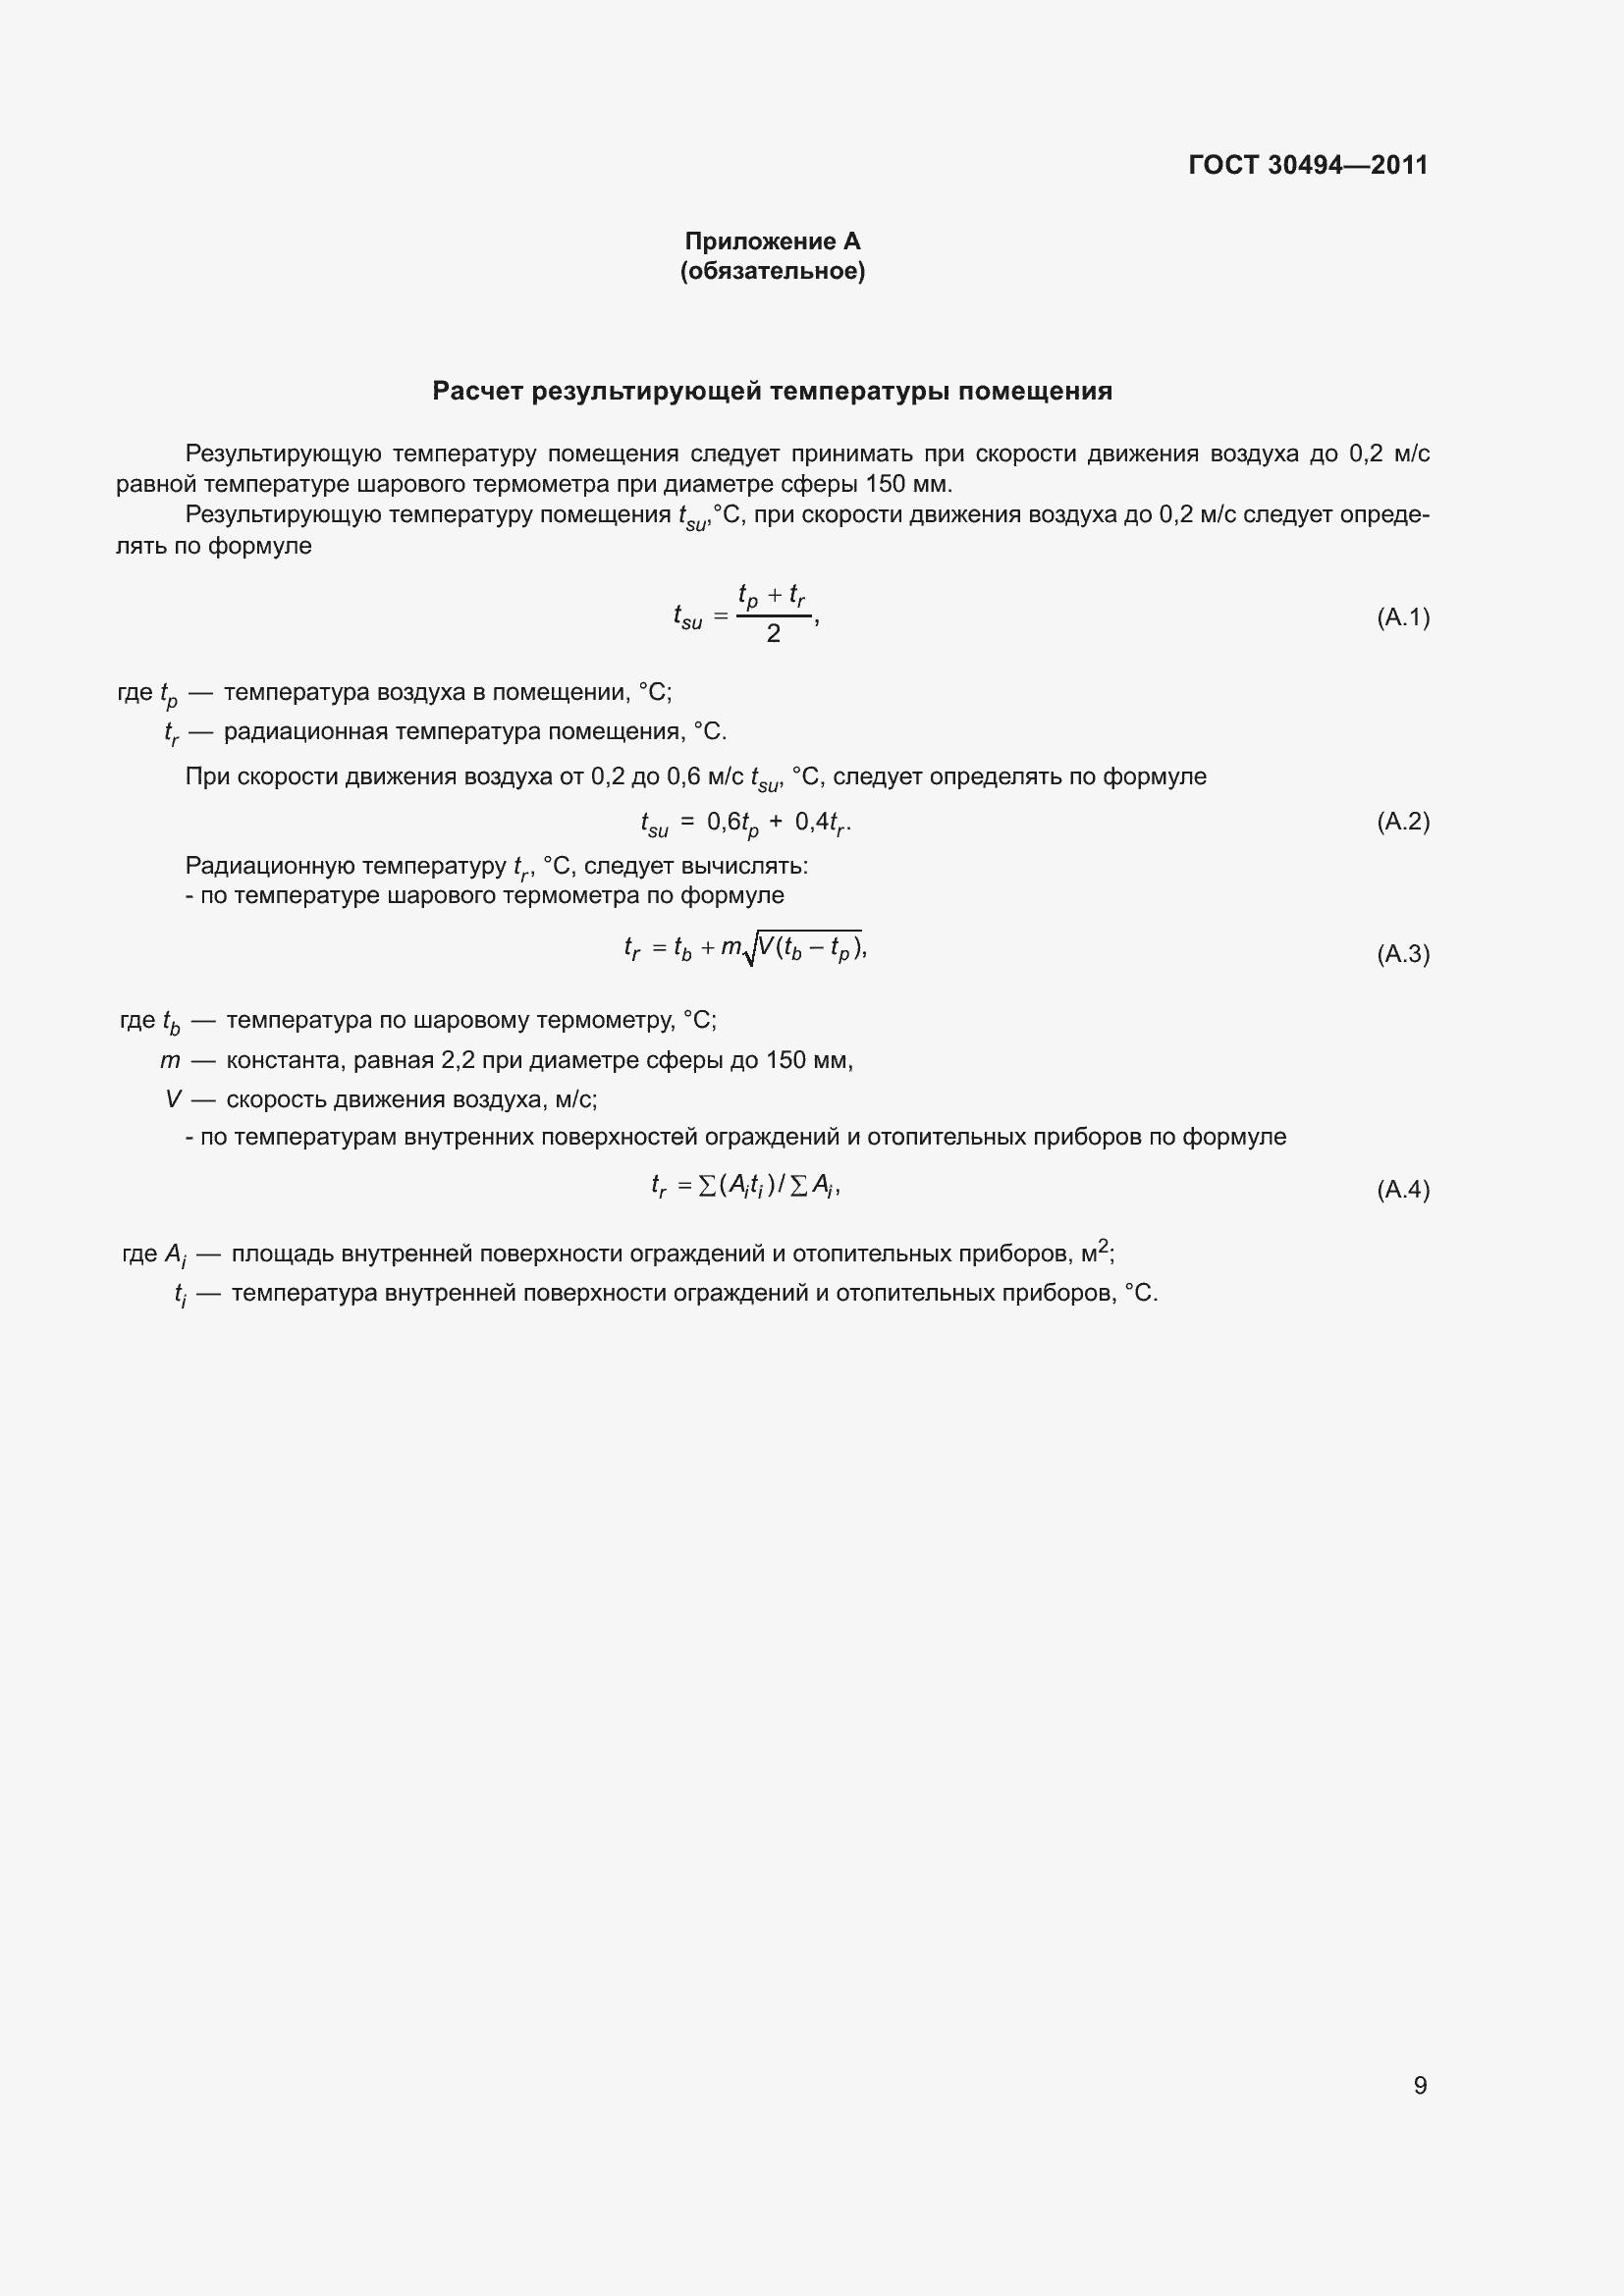 ГОСТ 30494-2011. Страница 13